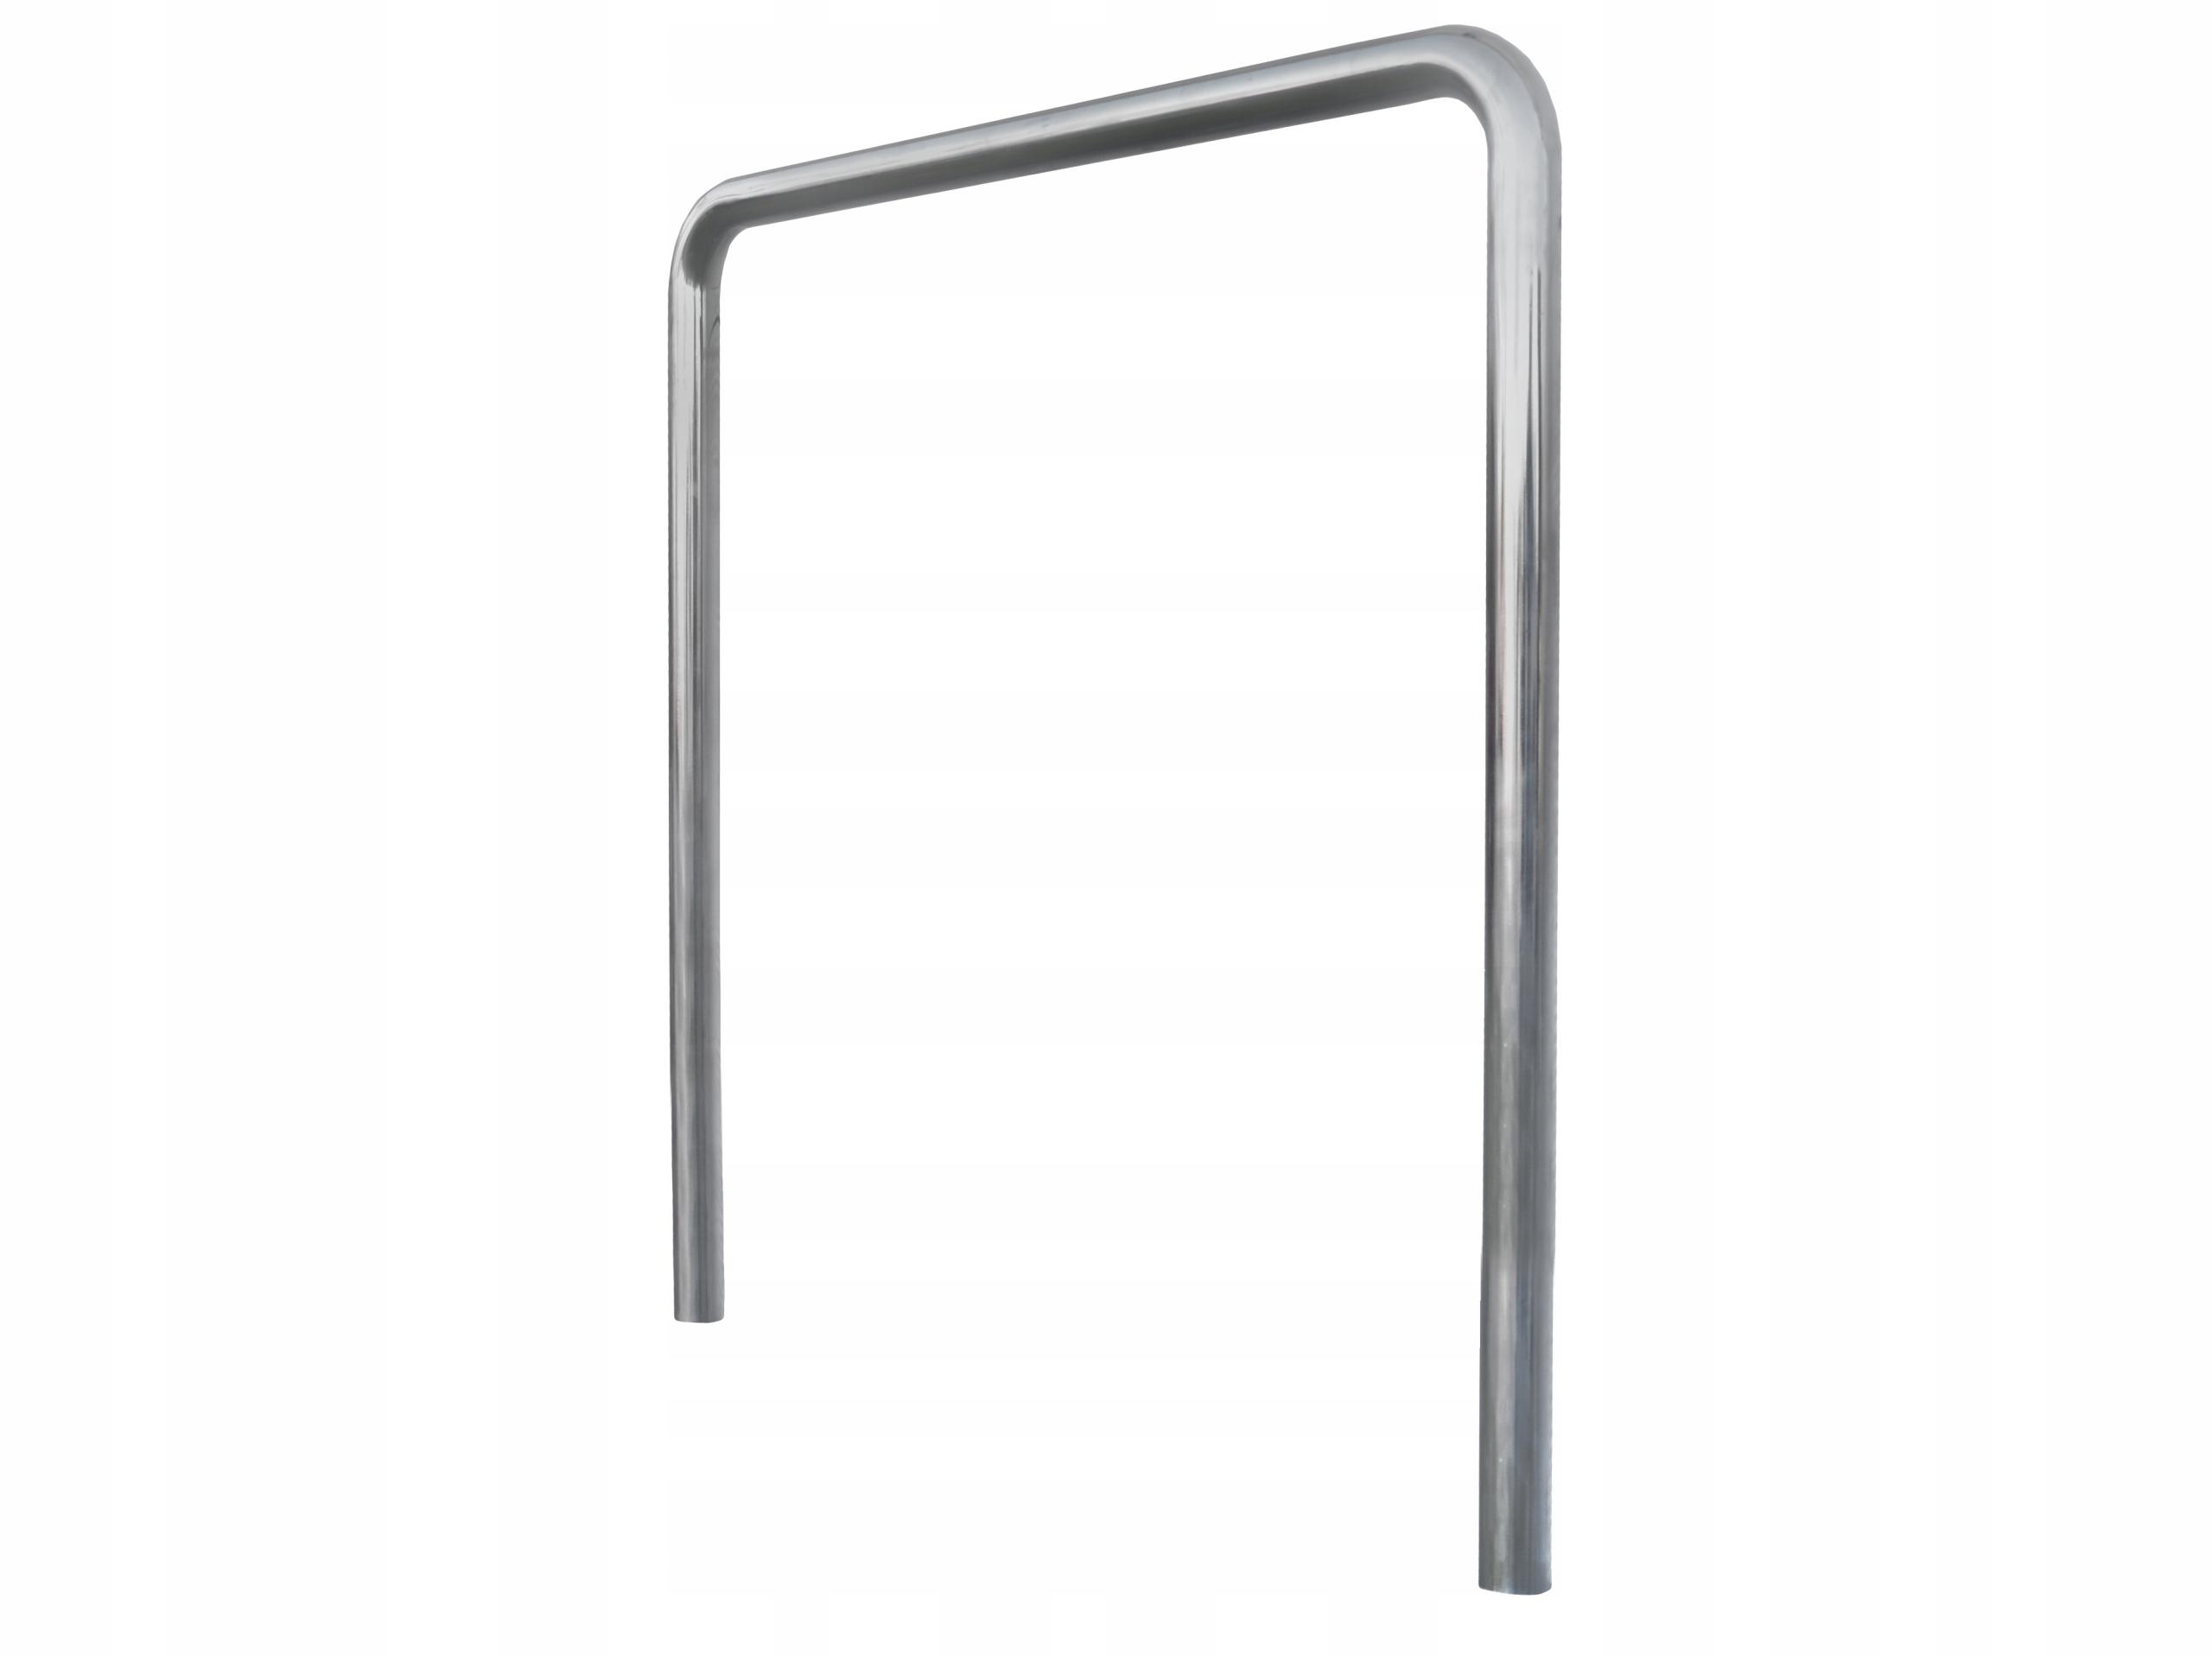 Крепление для велосипедов 80x80. Нержавеющая сталь.